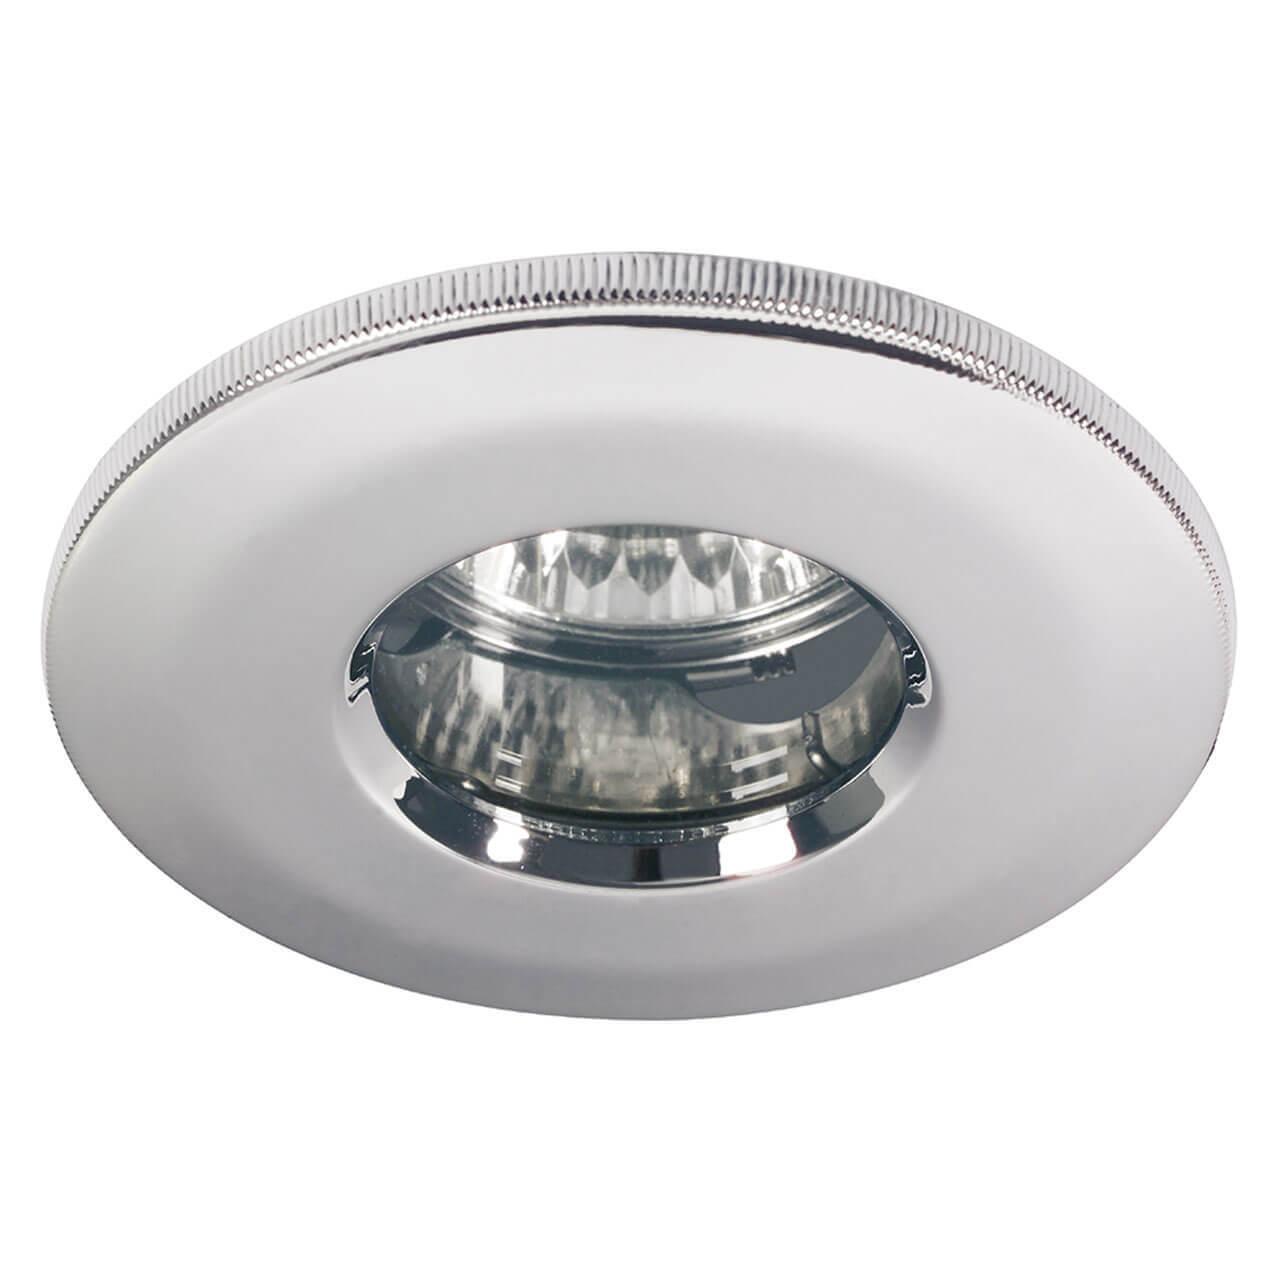 Уличный светильник Paulmann Premium Line IP65 99347